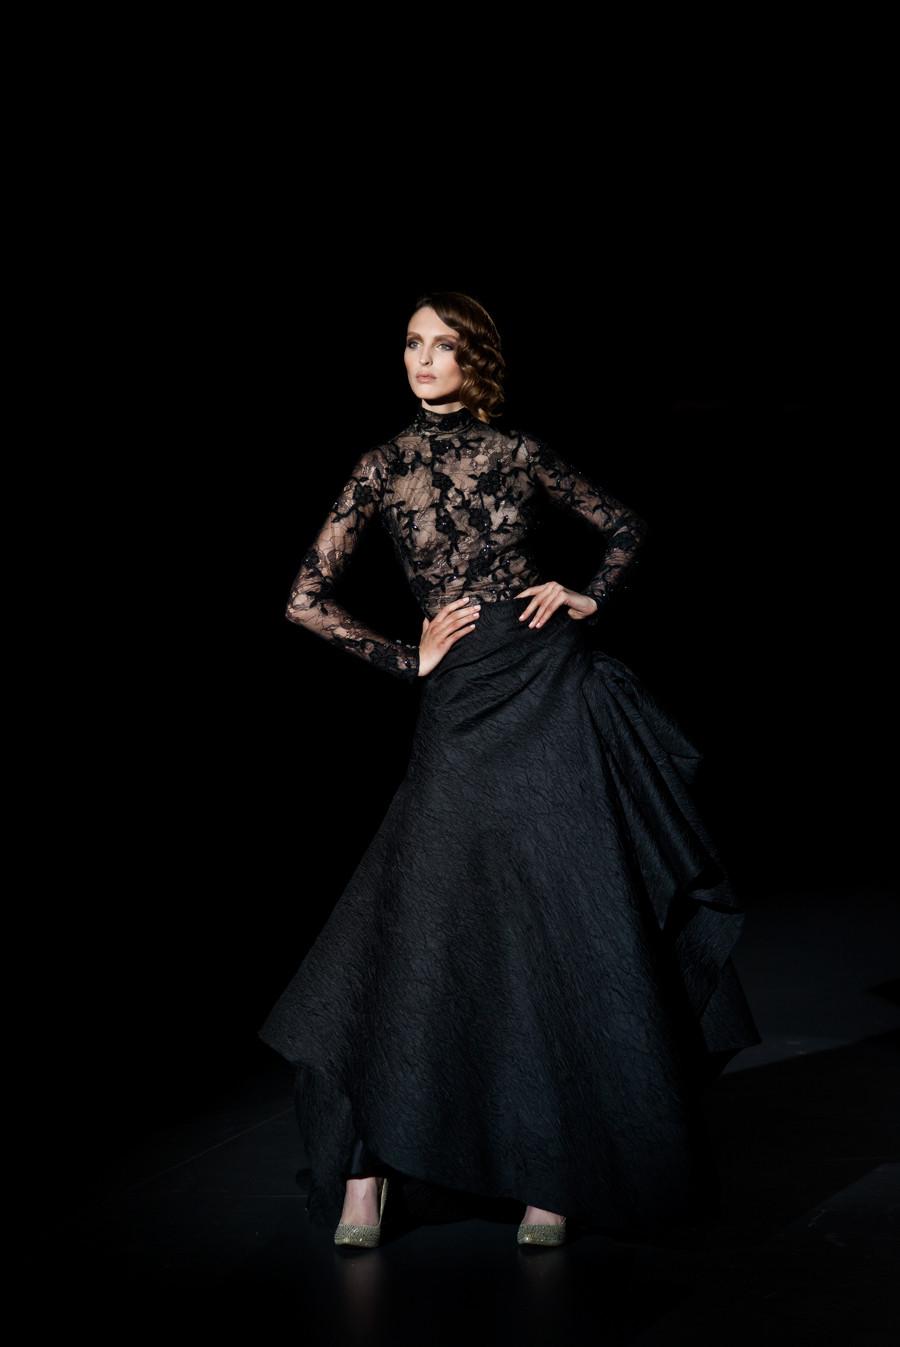 Colección Otoño- Invierno 2015 de Hannibal Laguna, presentada en la Mercedes Benz Fashion Week Madrid. fotografía por Carlos Aranguren